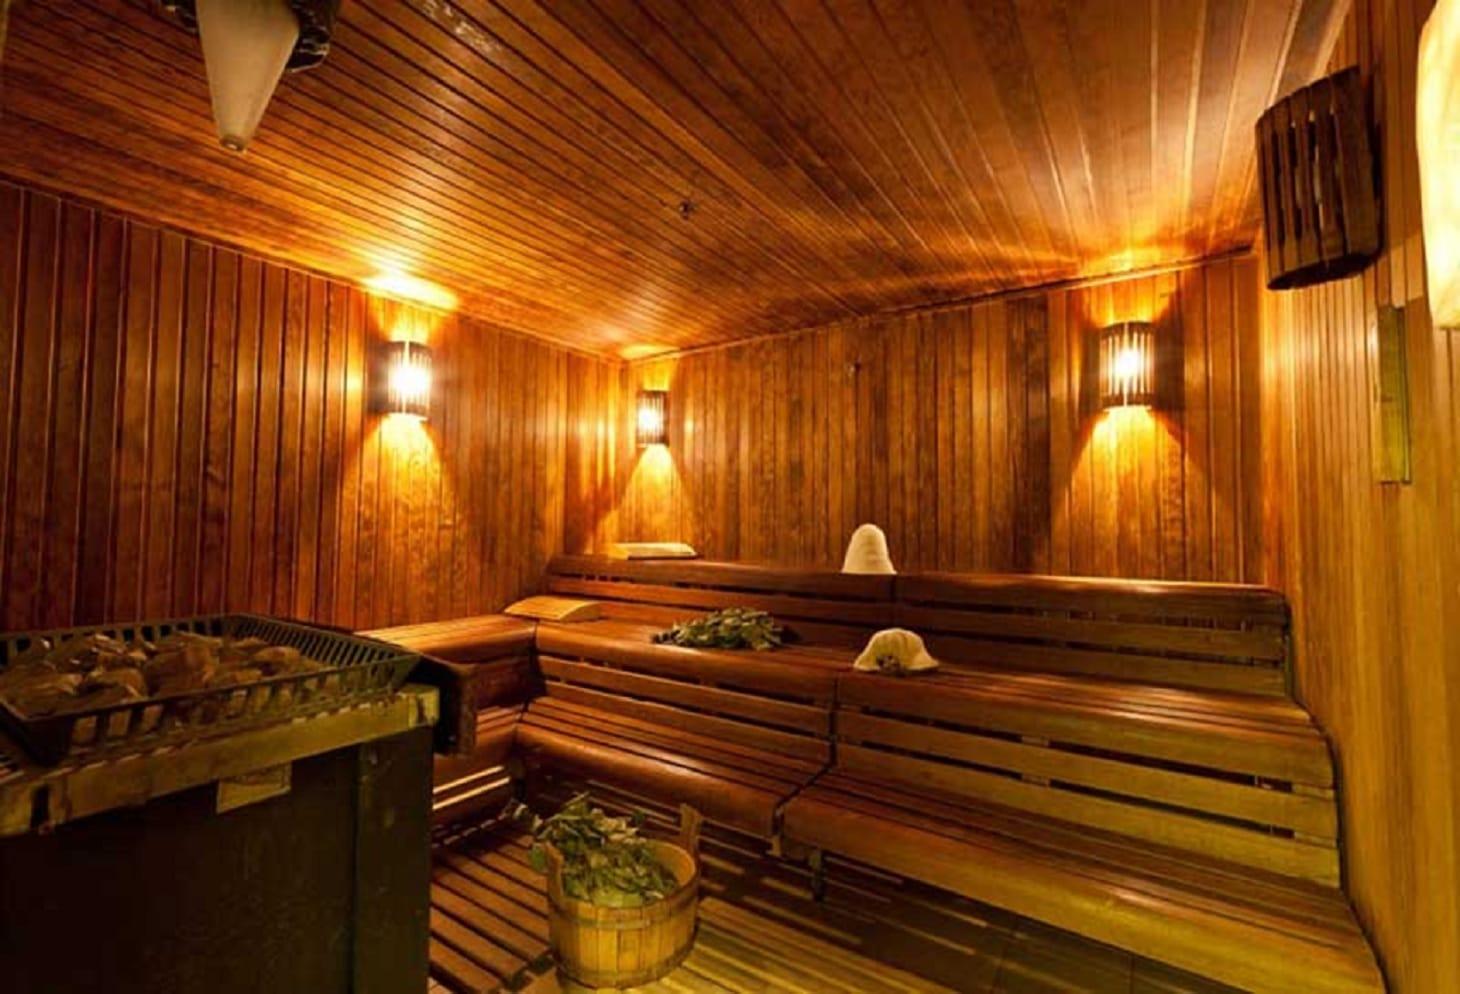 Vasca Da Bagno Ofuro : Il rito del benessere giapponese alla scoperta di bagno ofuro